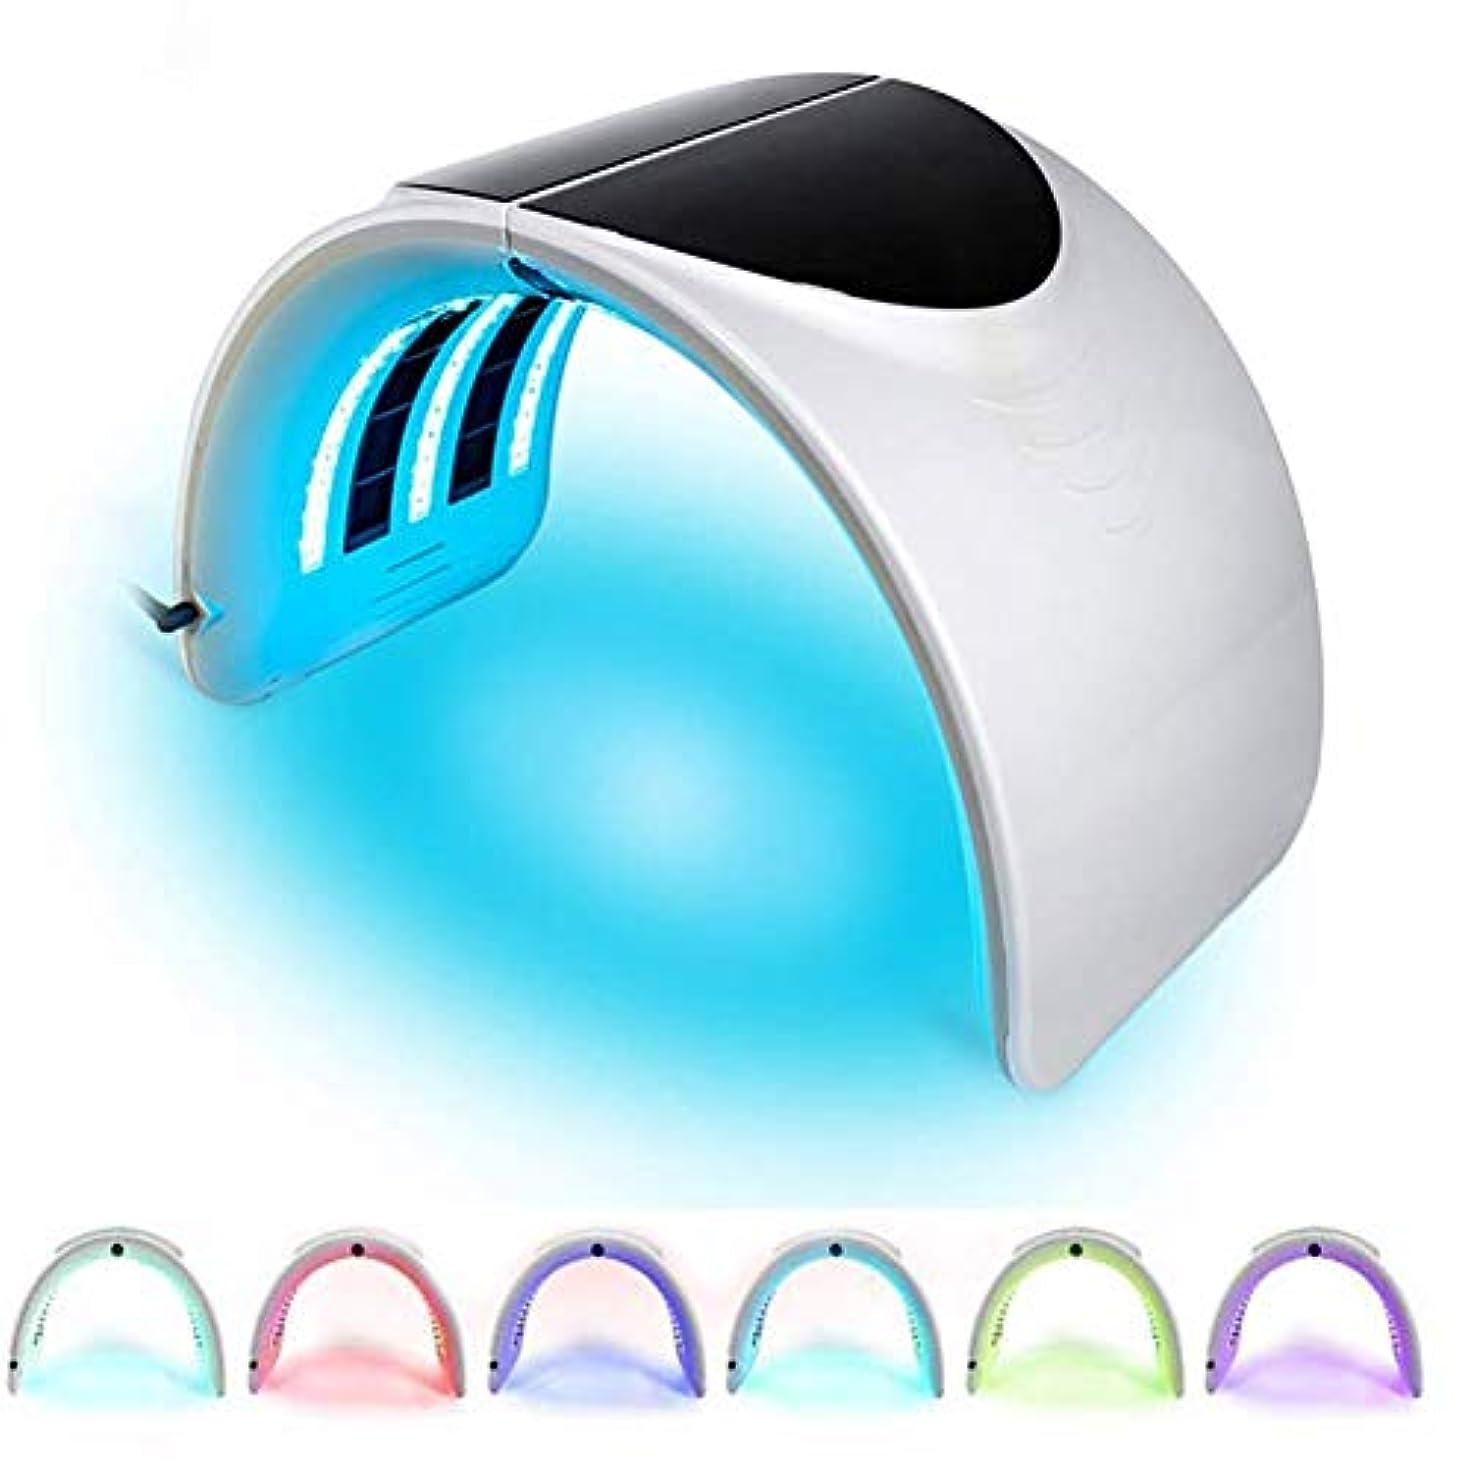 乞食進行中圧倒的7色の軽い光子LEDのマスク、光子治療フェイシャルスキンケビューティー折りたたみ式フェイシャルスパビューティー若返りのためにしわの除去老化防止